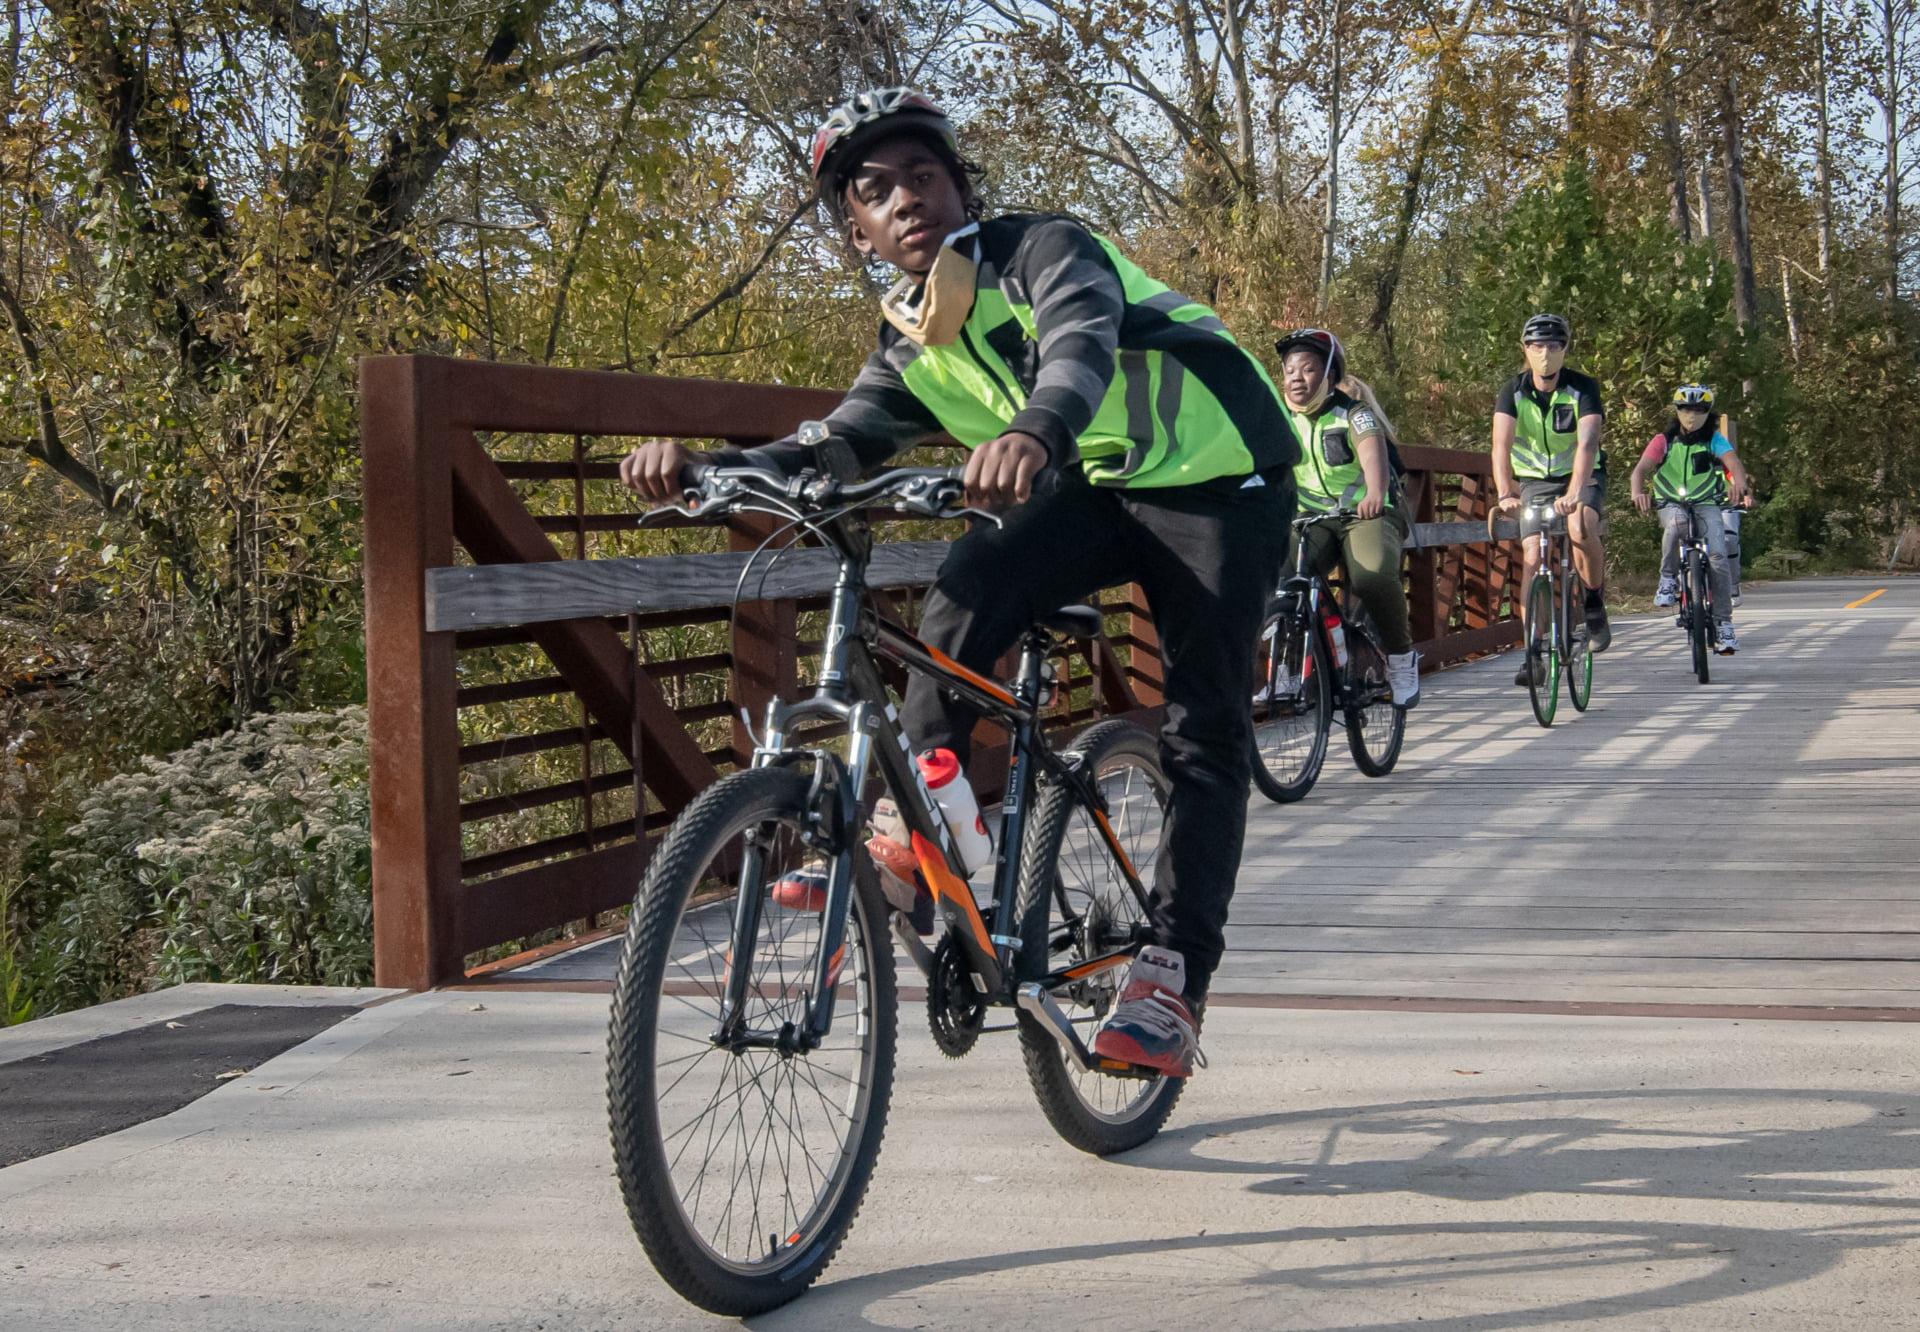 Bike Club Rider Photo